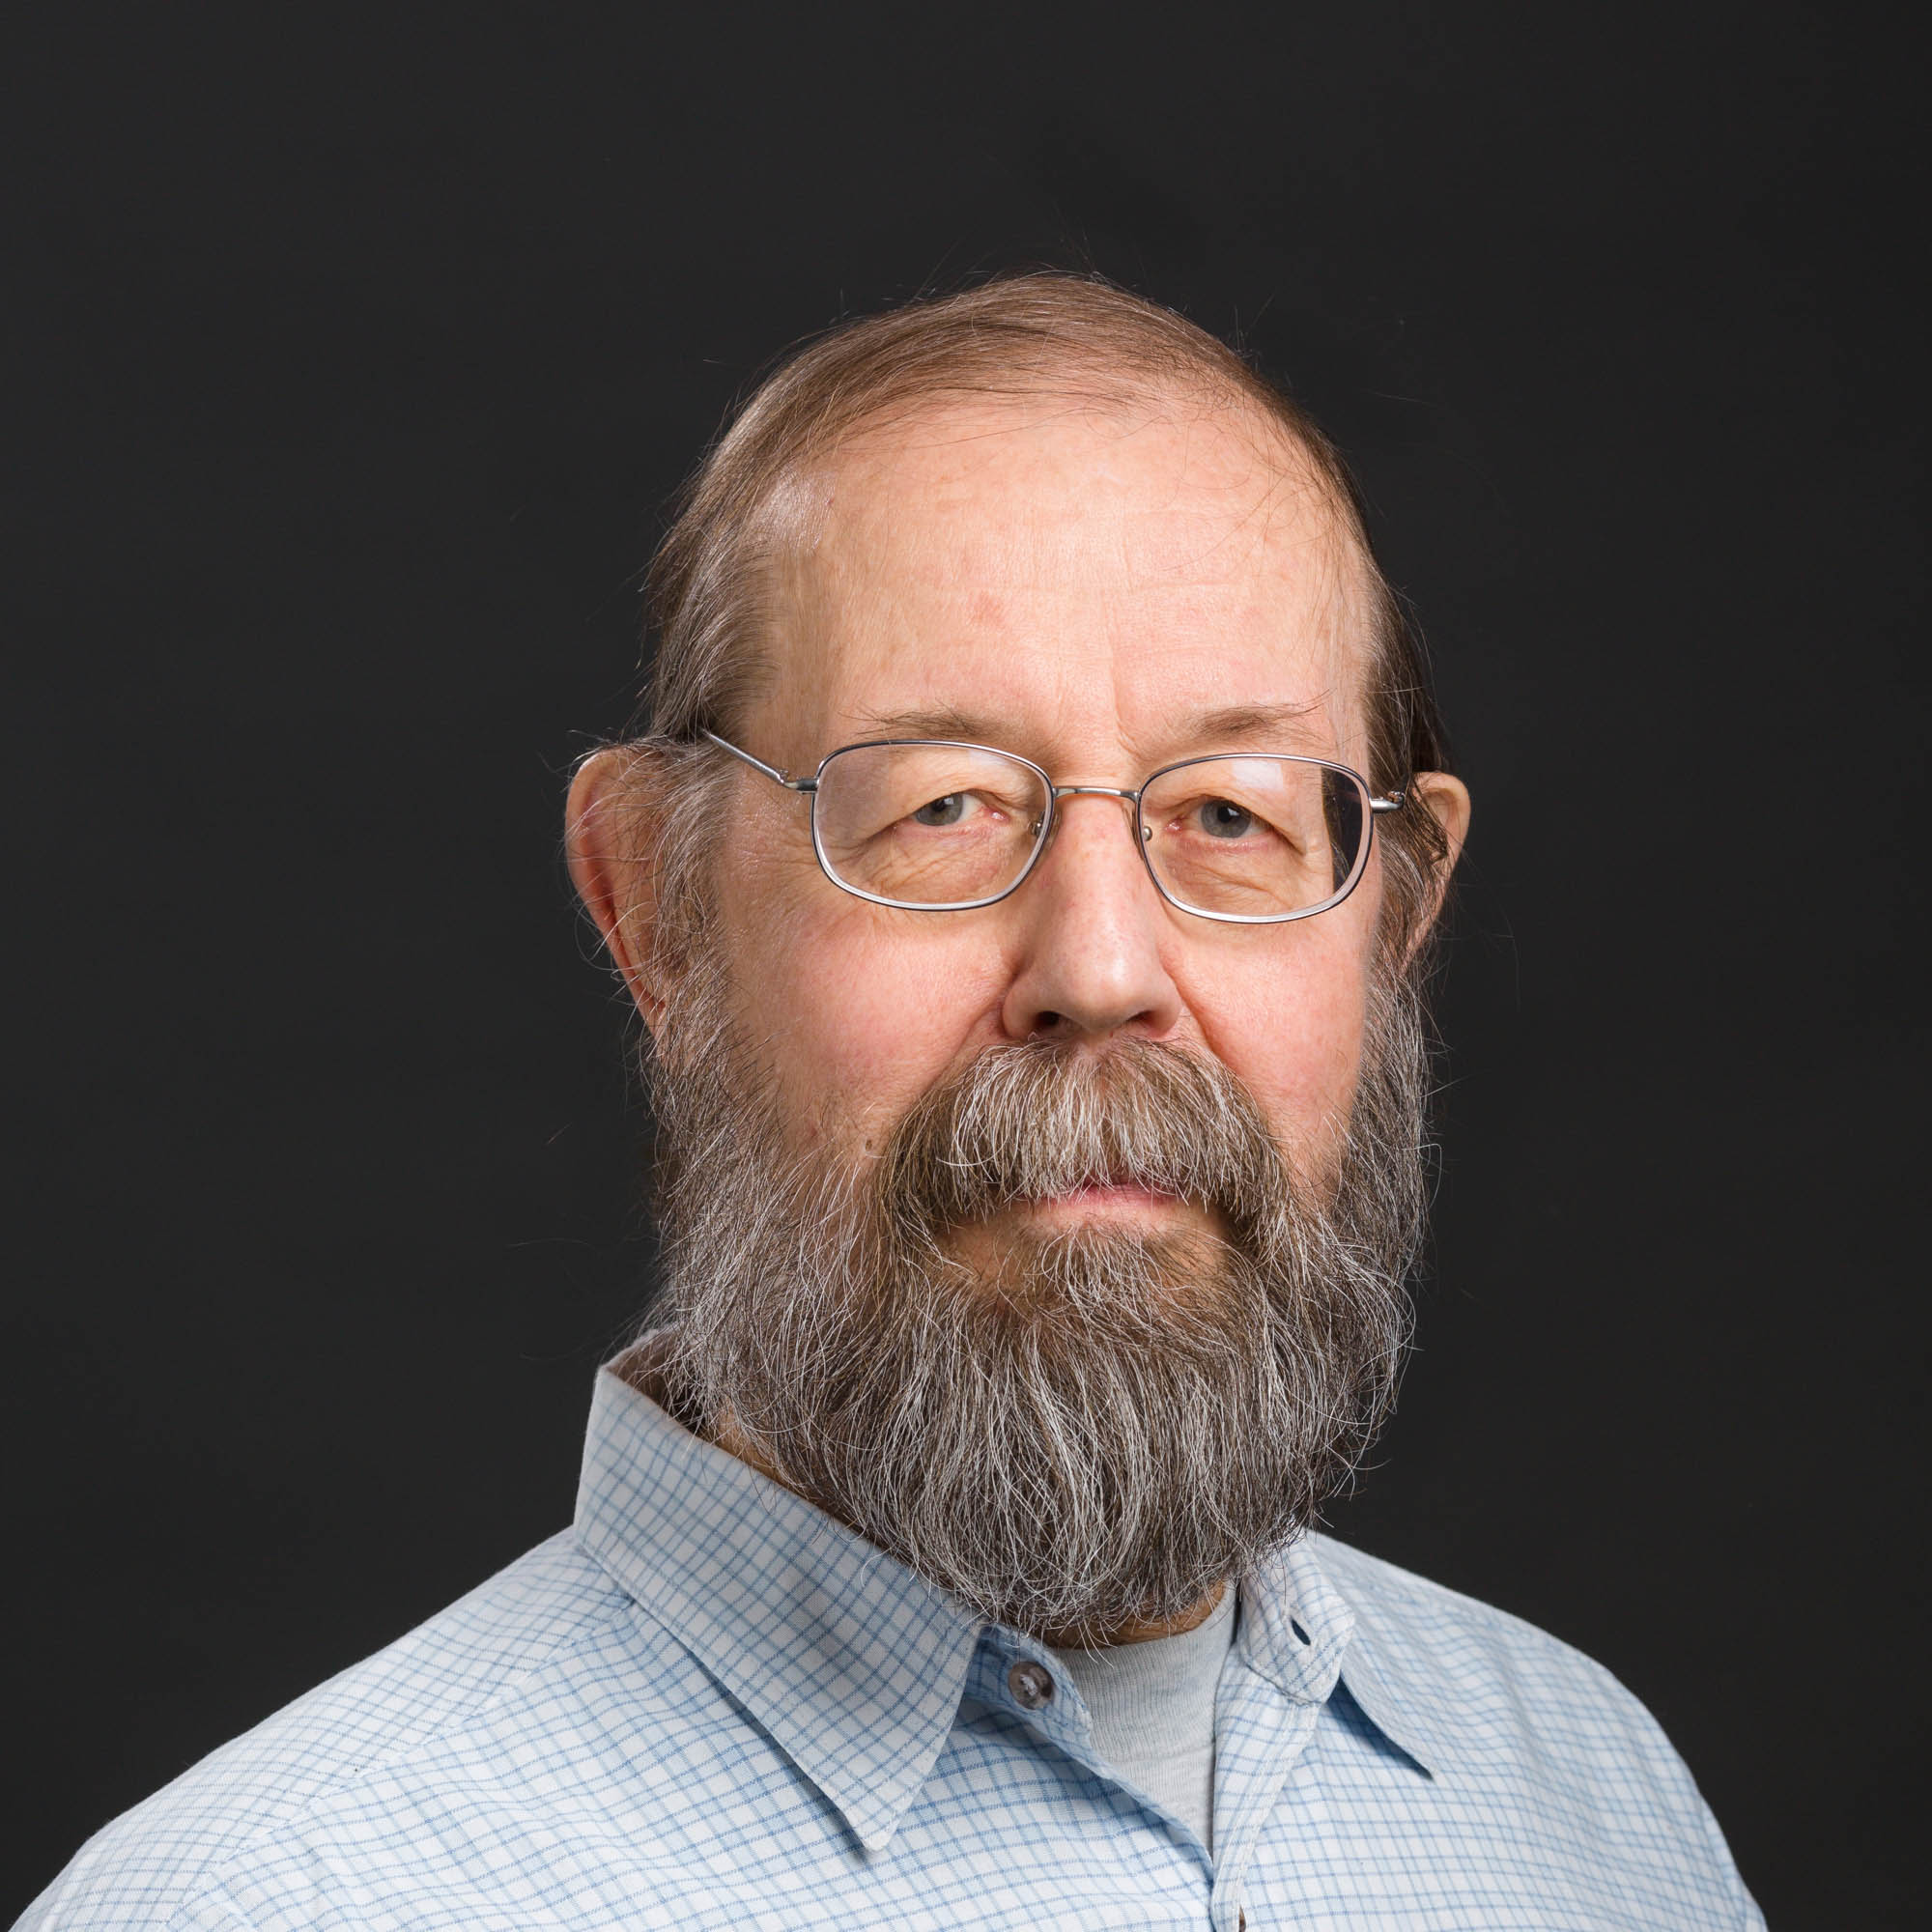 Leonard Munstermann